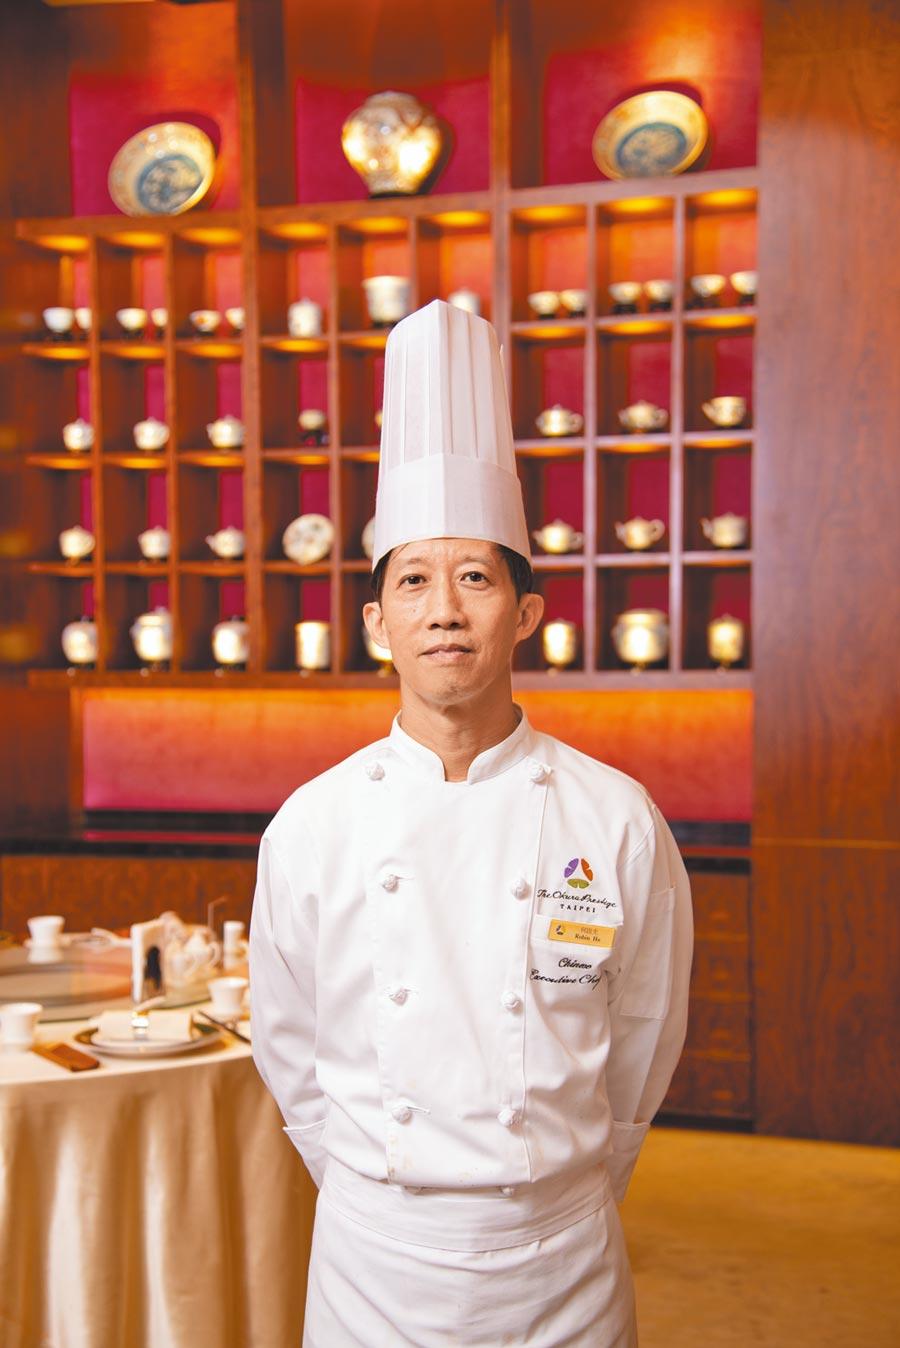 「桃花林中華料理」主廚何啟光來自香港曾任職萬豪、西華飯店,廚藝資歷40年。(大倉久和大飯店提供)